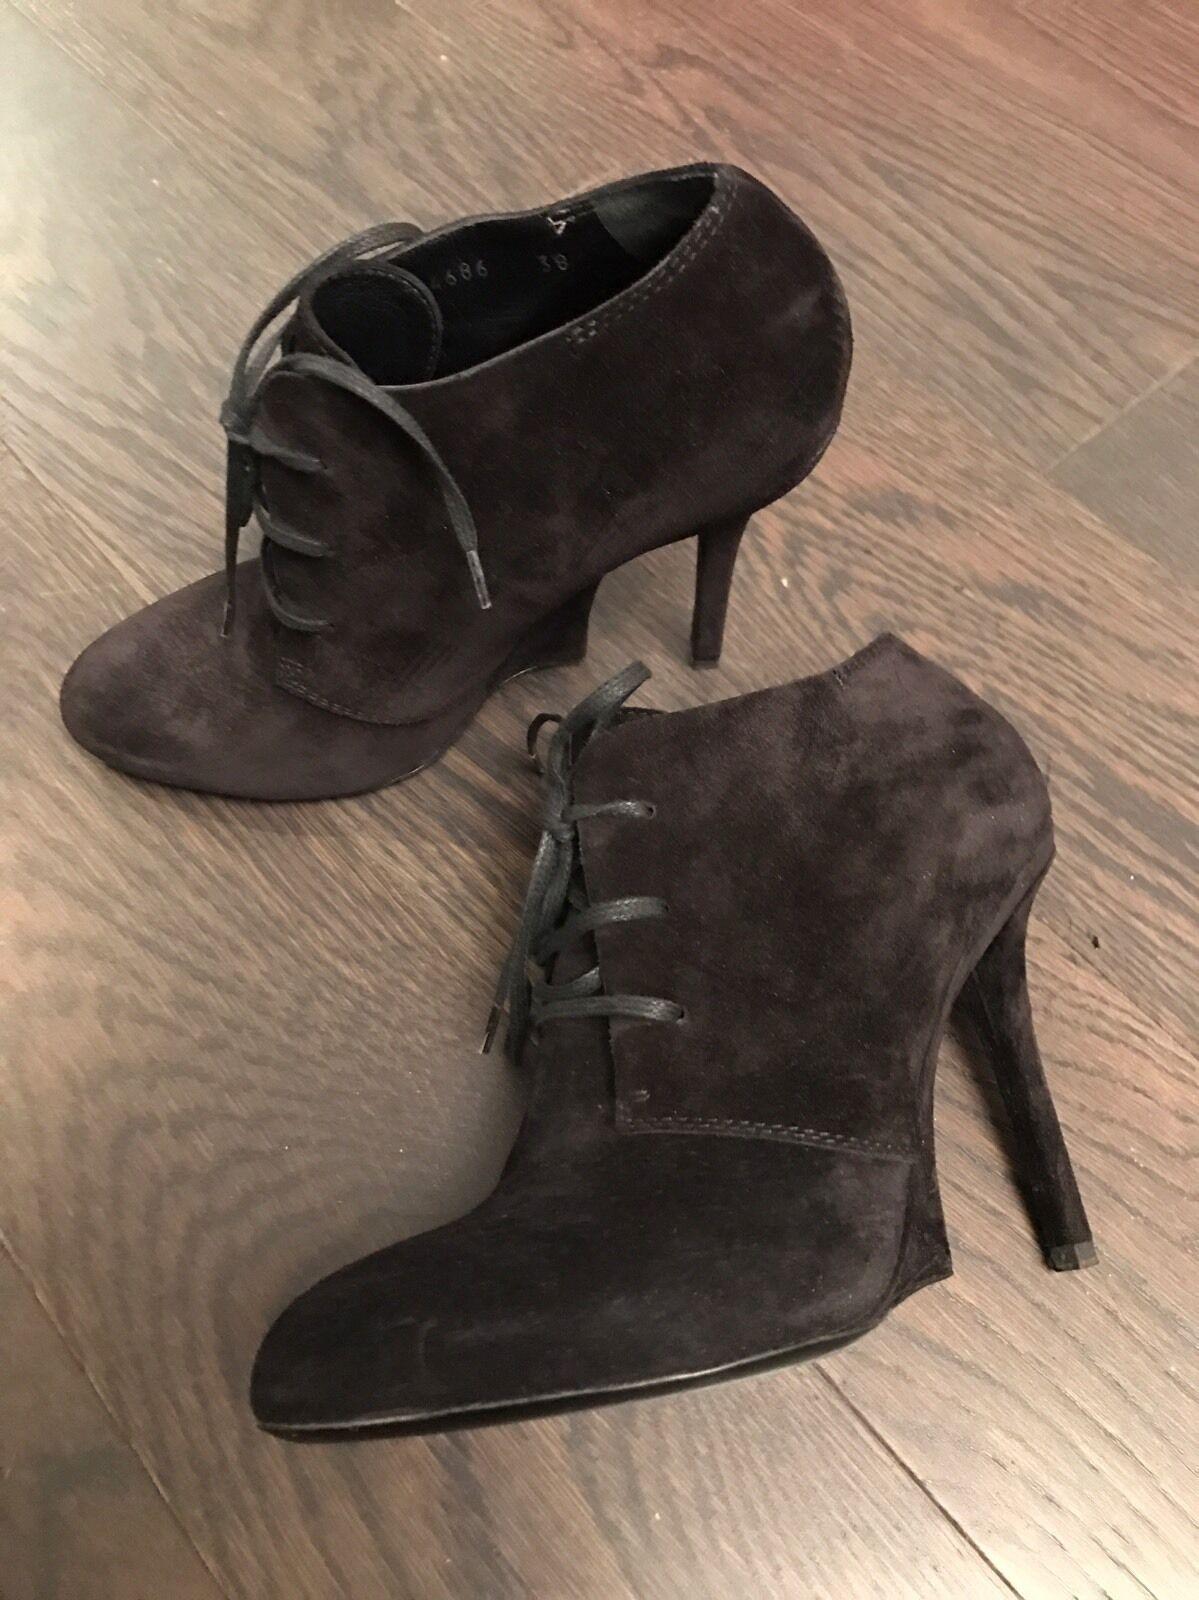 YSL 38 Mujeres Negro Gamuza FATALE Tobillo botas Talla 38 YSL e4e456